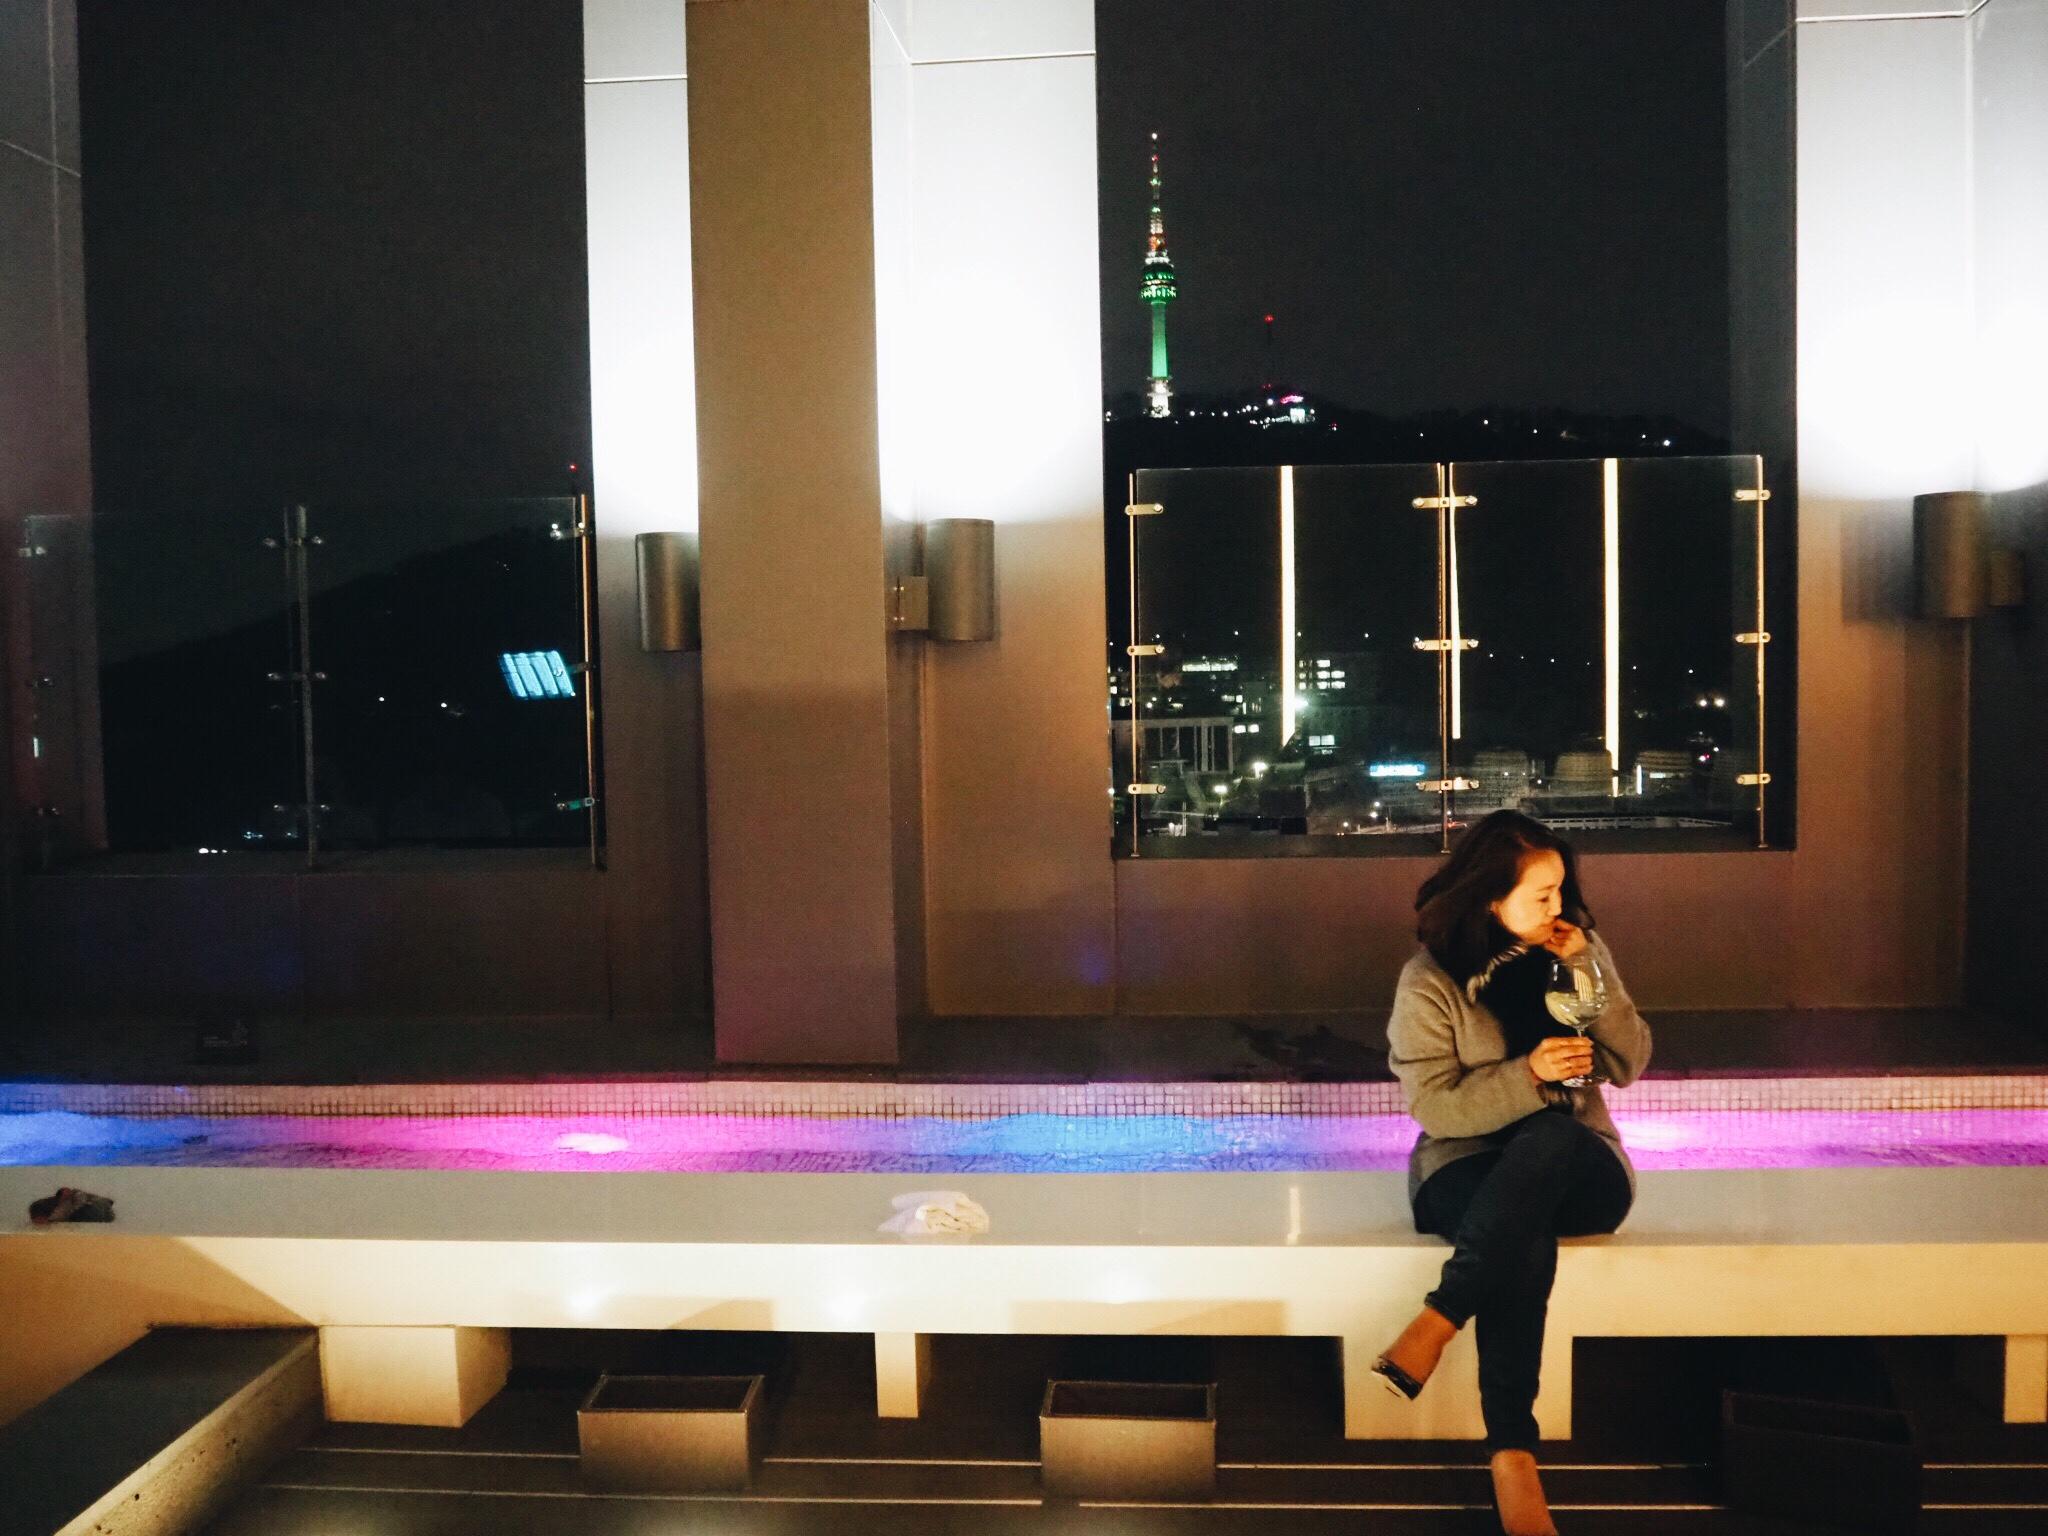 snapseed - L7 HOTELS - どこを切り取ってもフォトジェニック!韓国ソウルに新しくオープンしたロッテグループのデザイナーズホテル